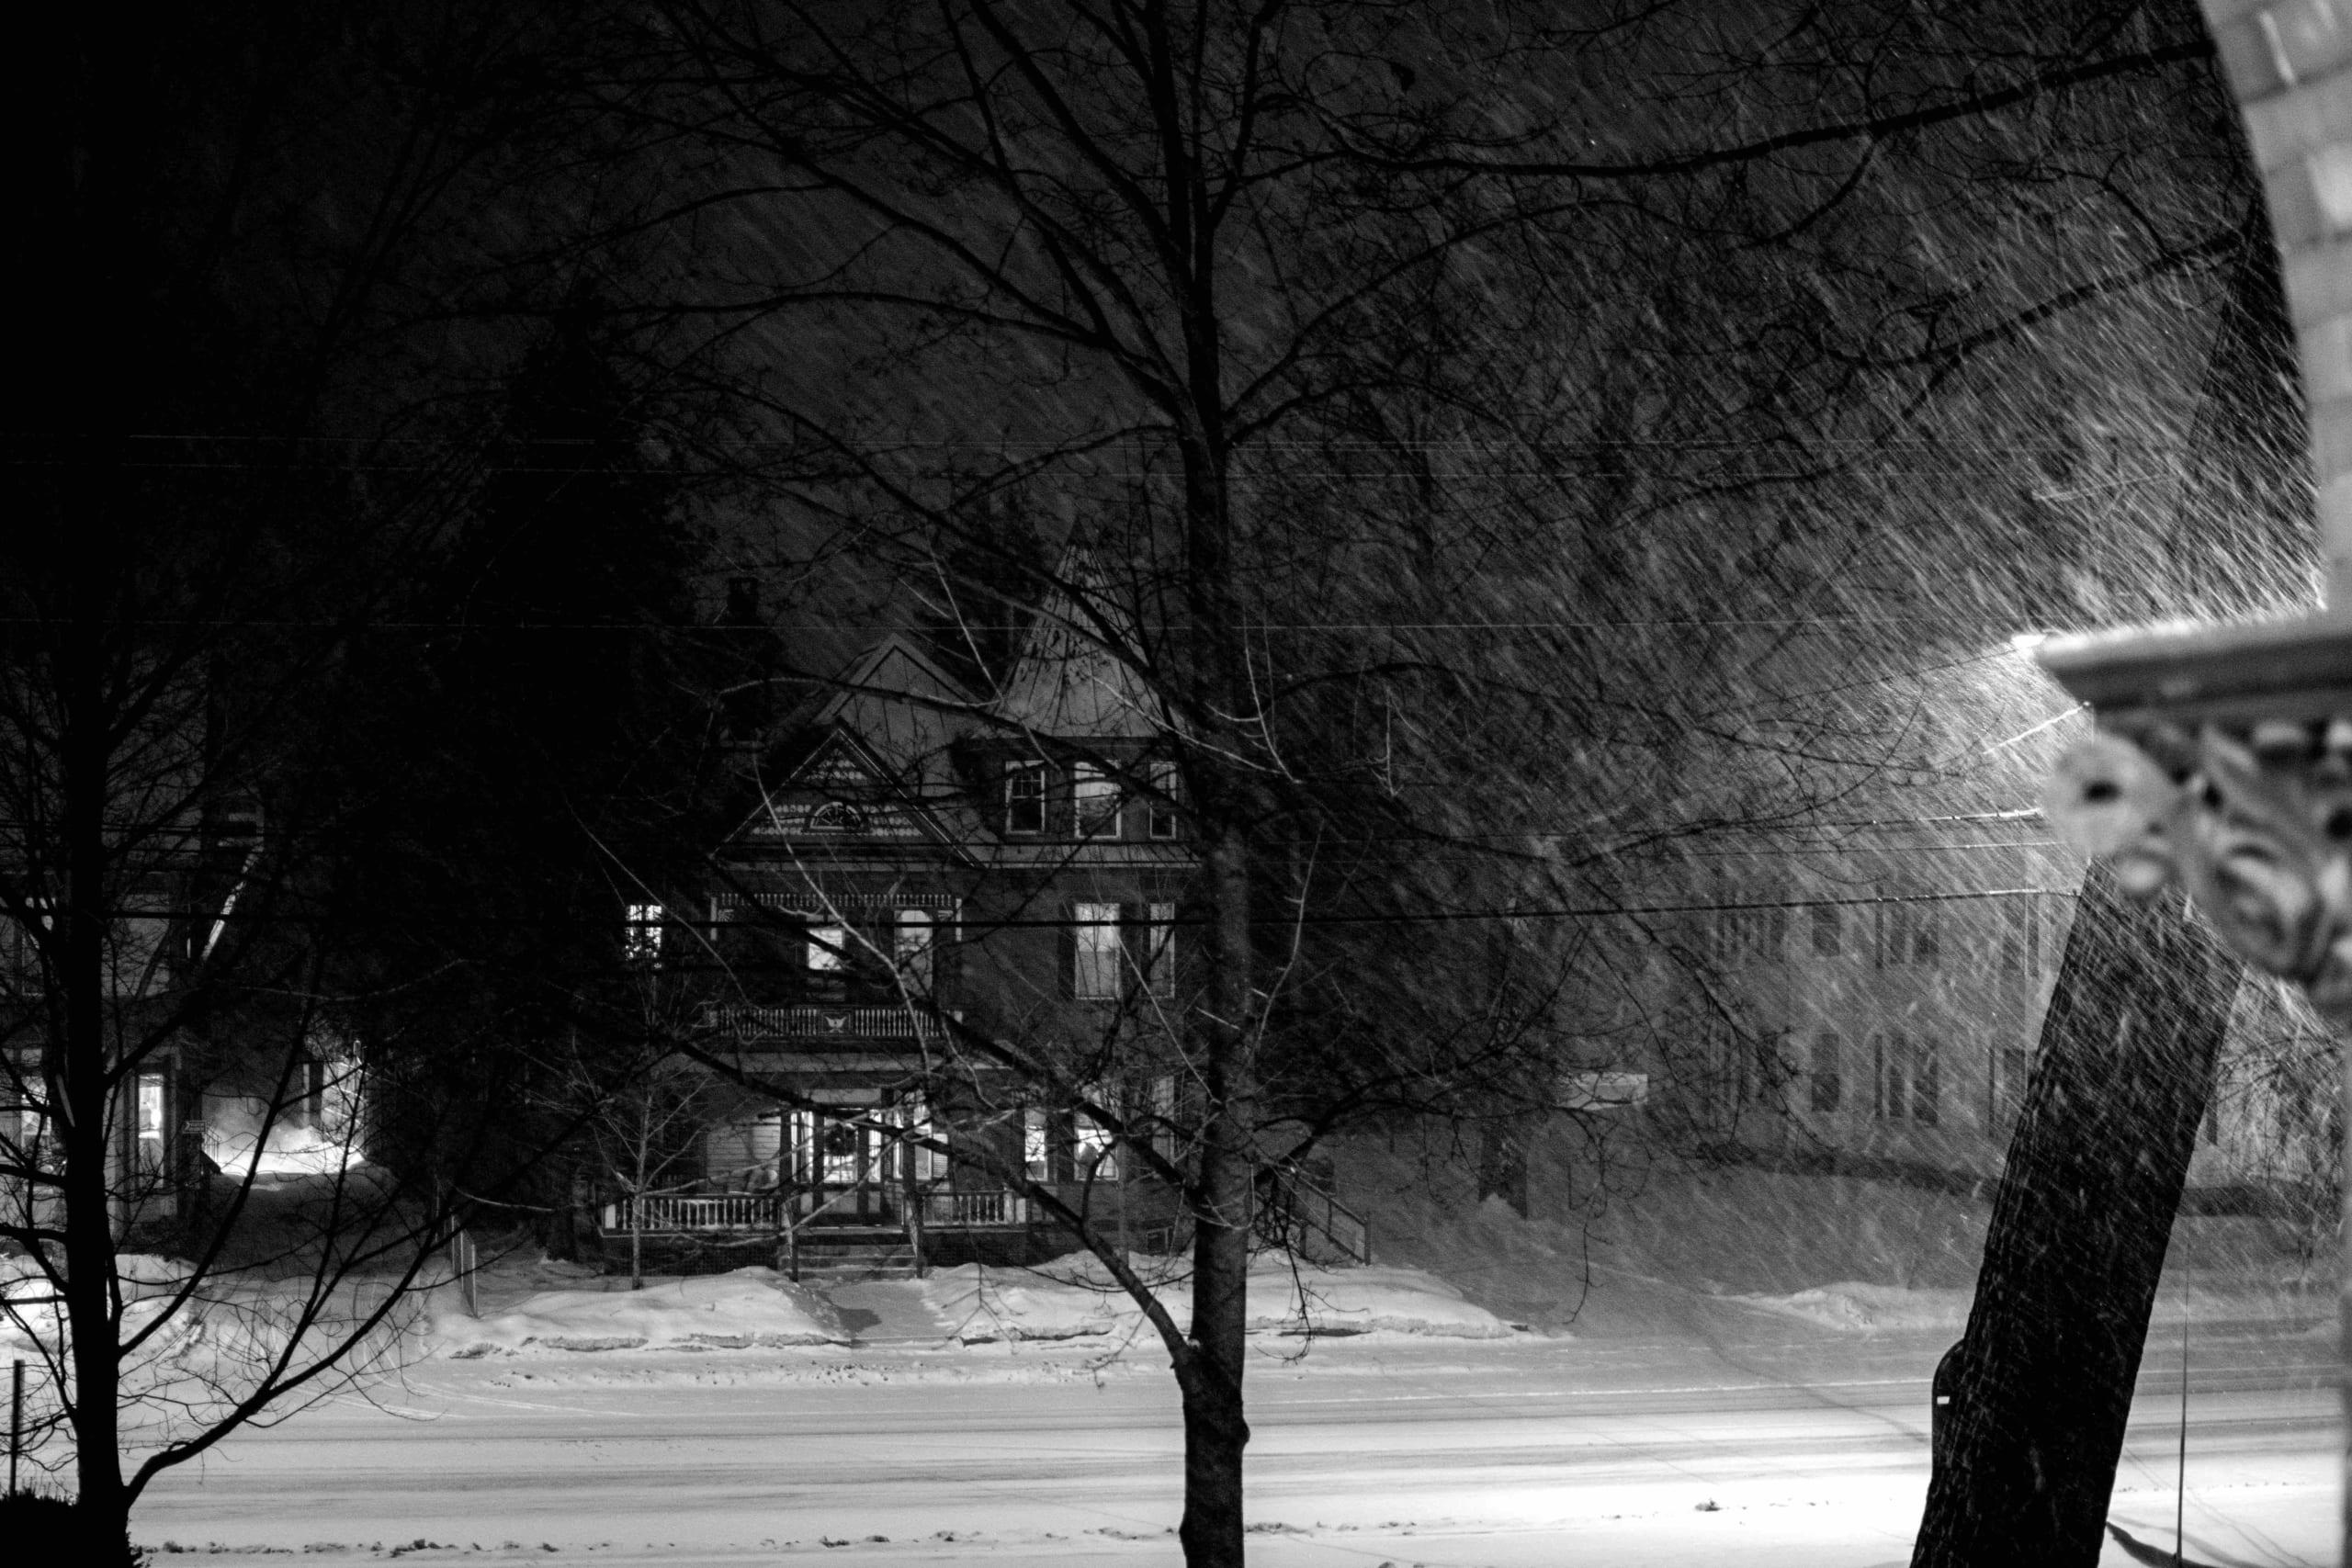 悲しみが漂う冬の怪談 ー雪とともに訪れるものたちー